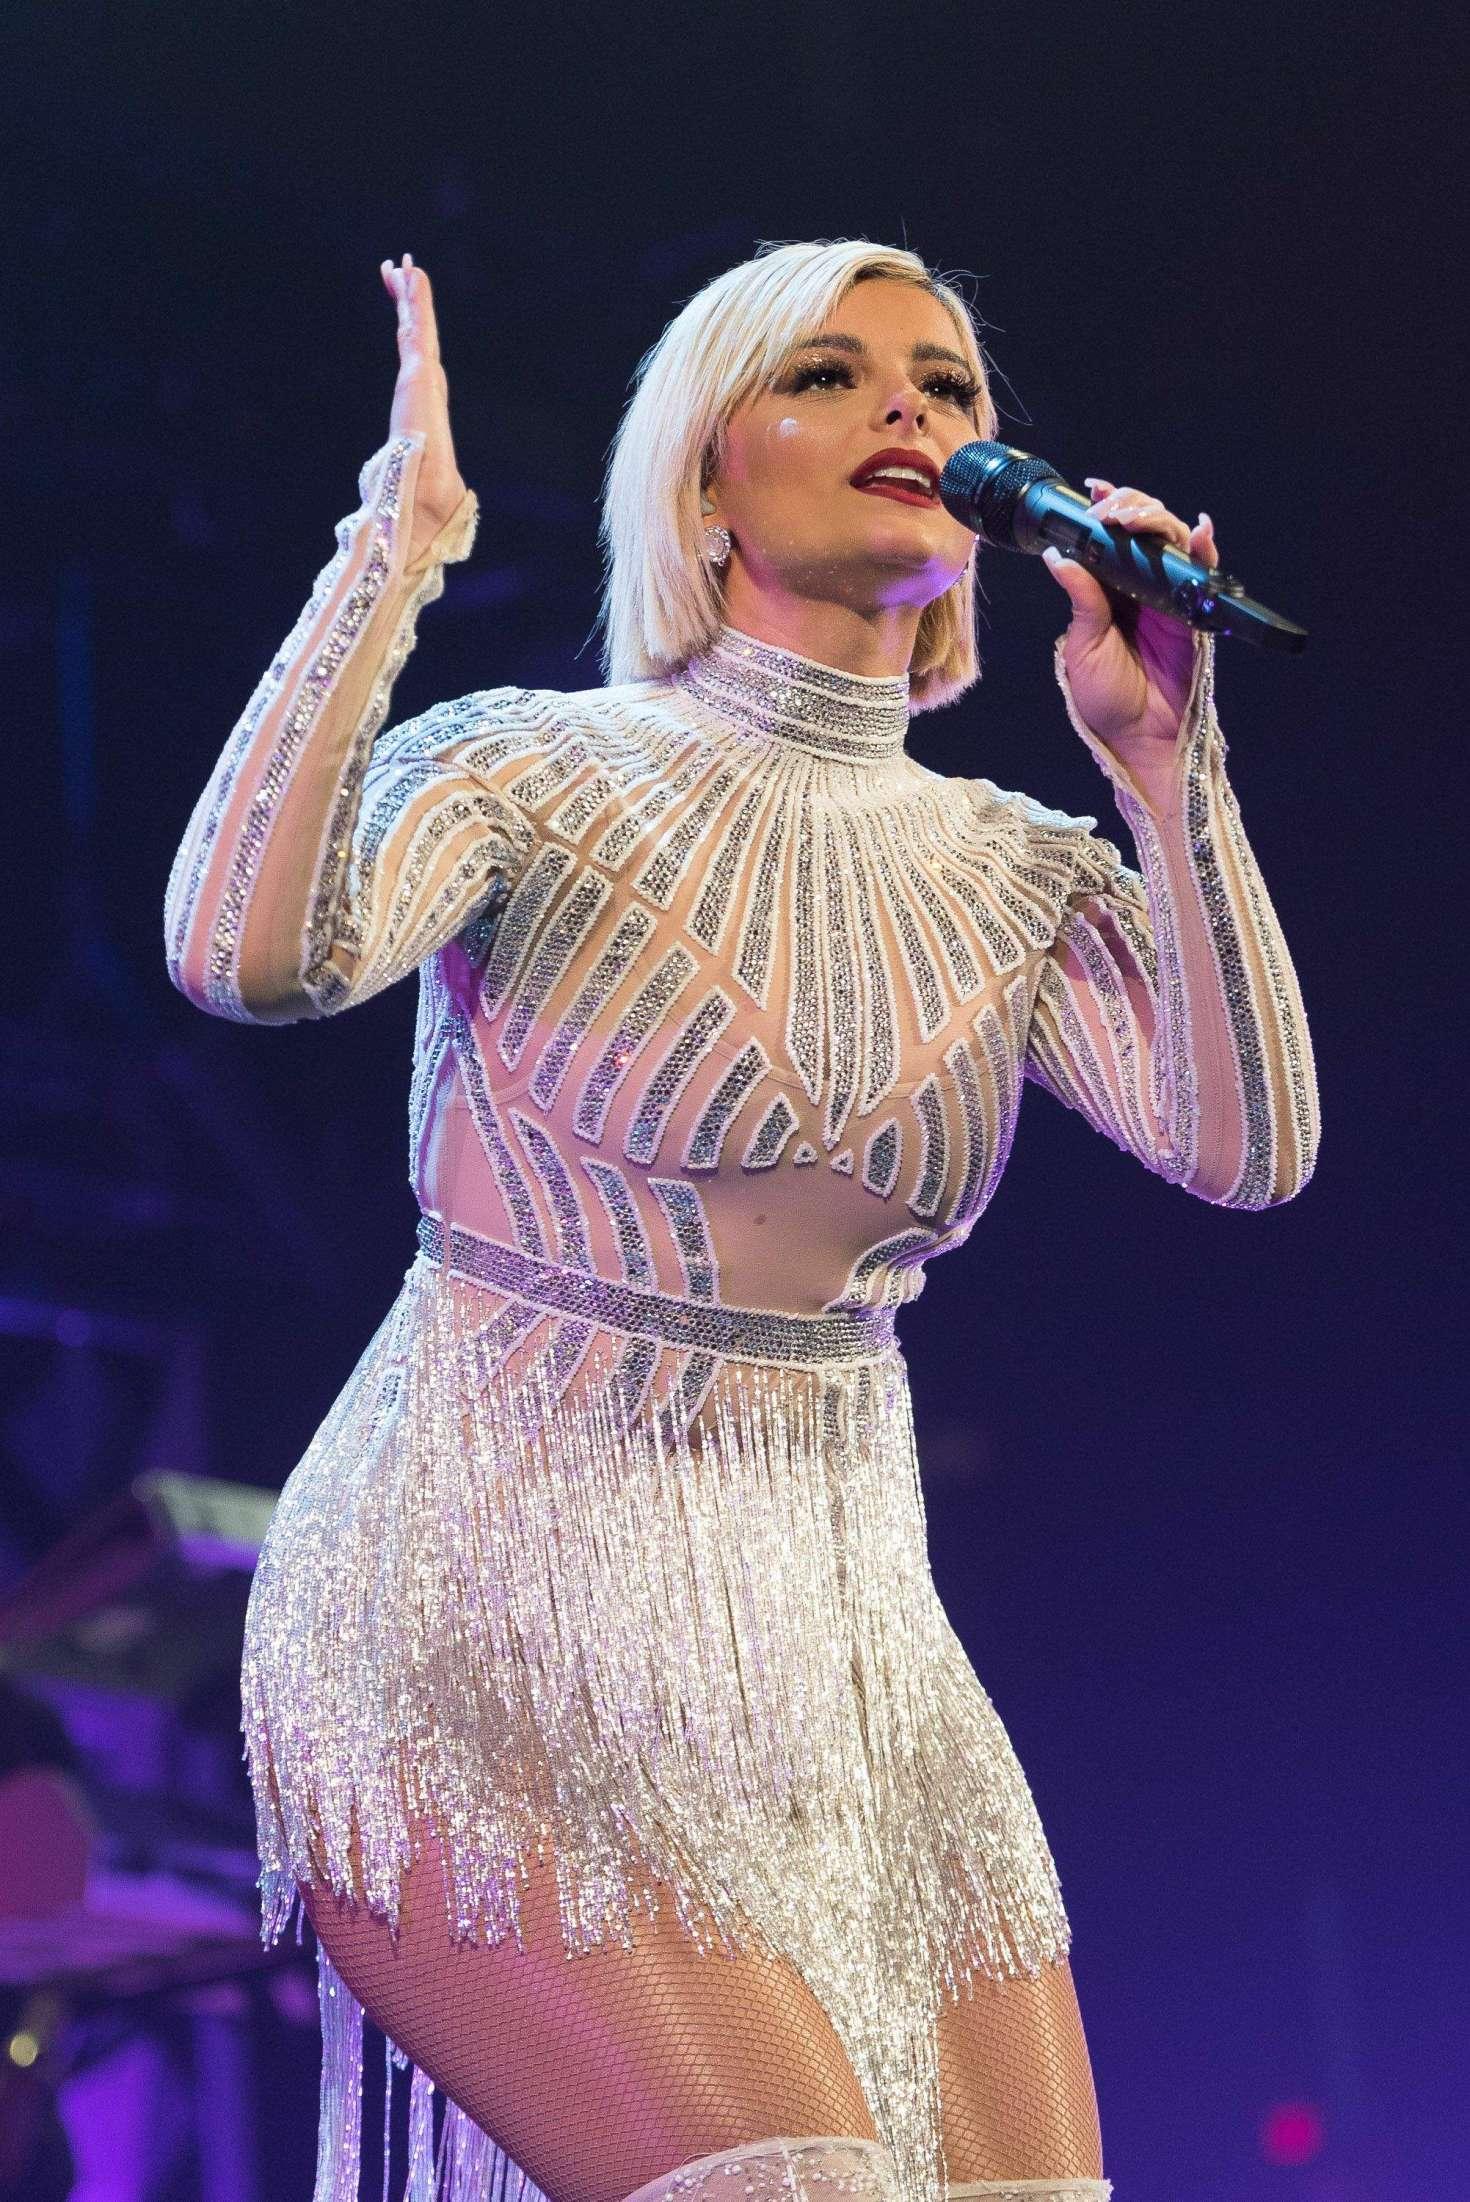 Bebe Rexha 2018 : Bebe Rexha: 103.5 KISS FMs Chicago Jingle Ball -01